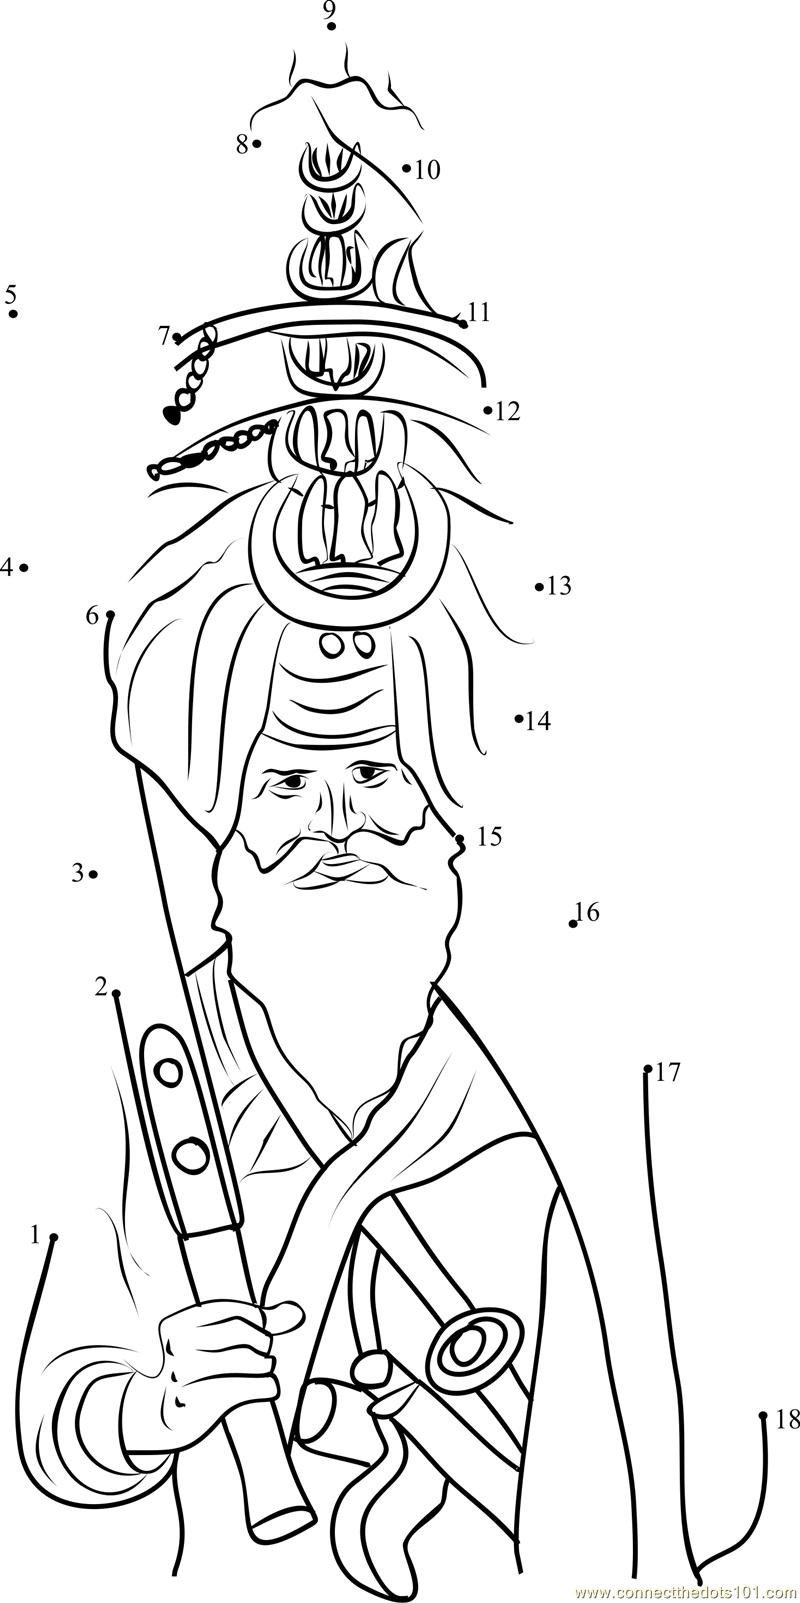 Sikh Pagri Dot To Dot Printable Worksheet